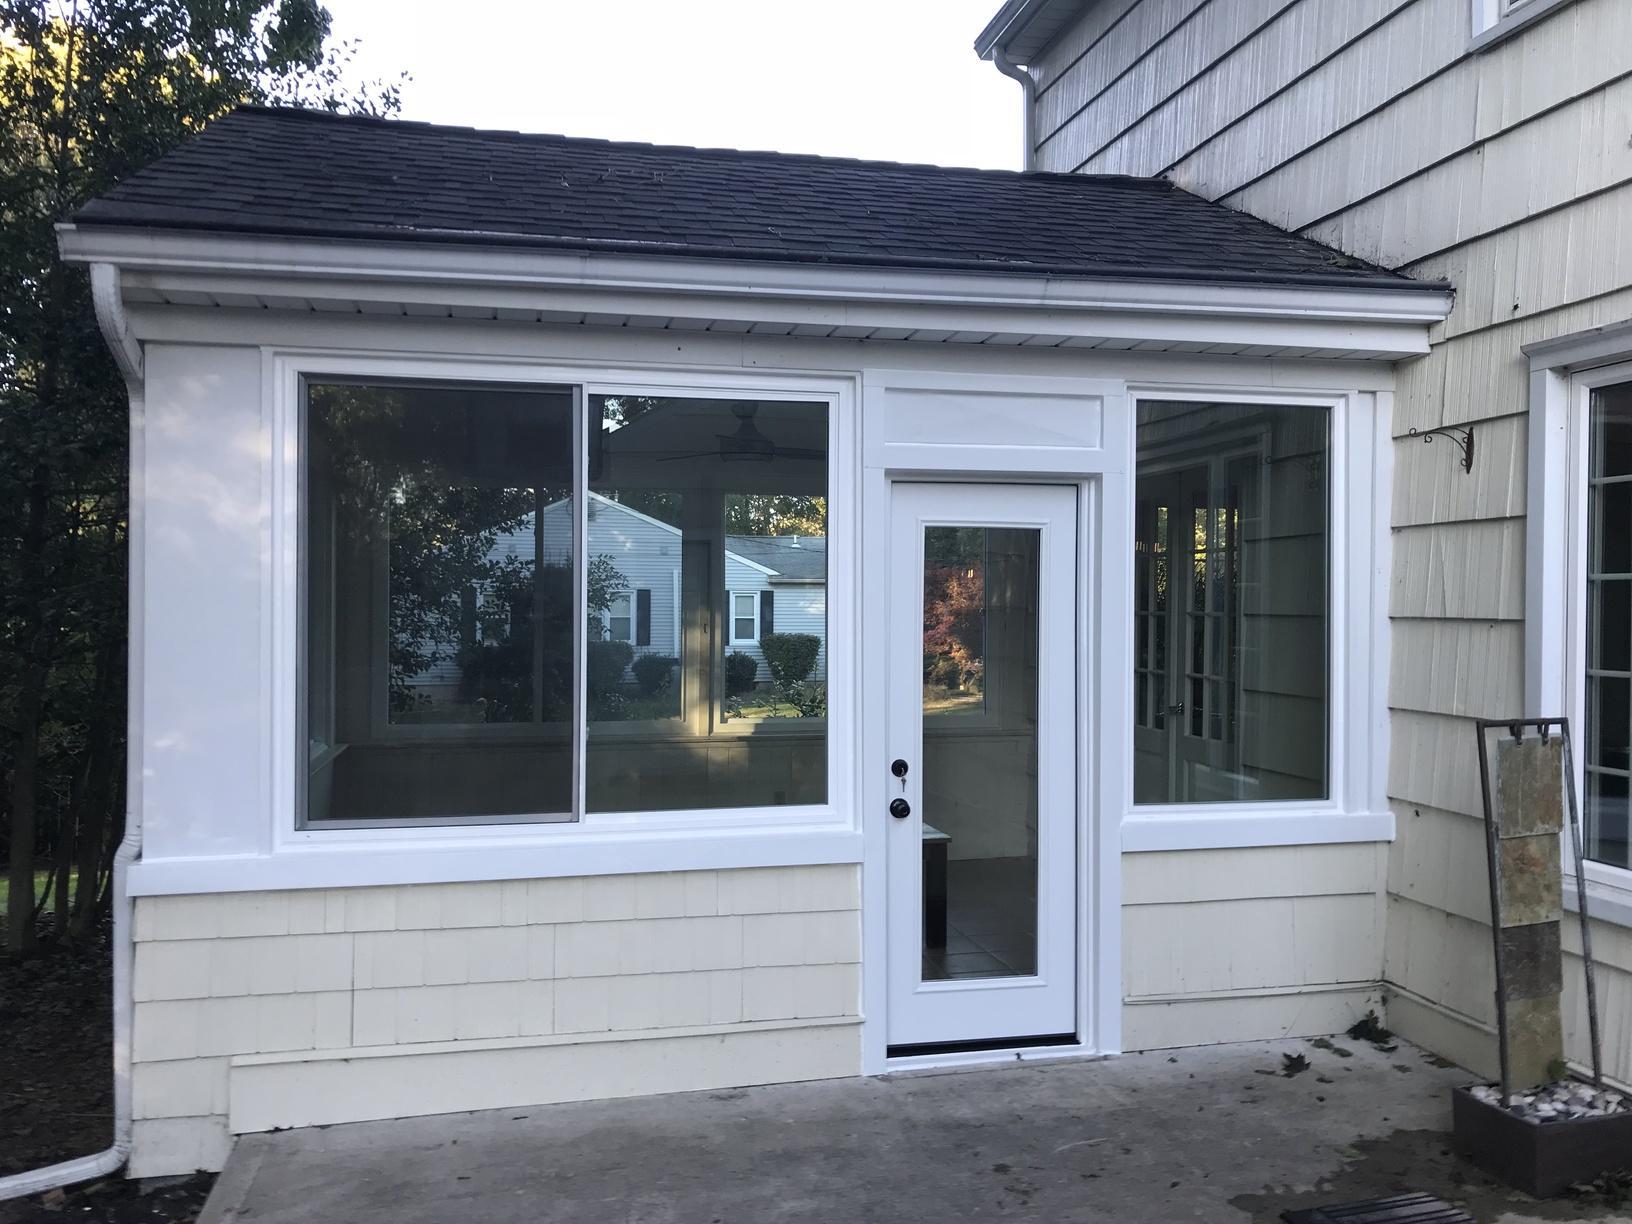 Installing GlobalTech Vinyl Windows on Sunroom in NJ